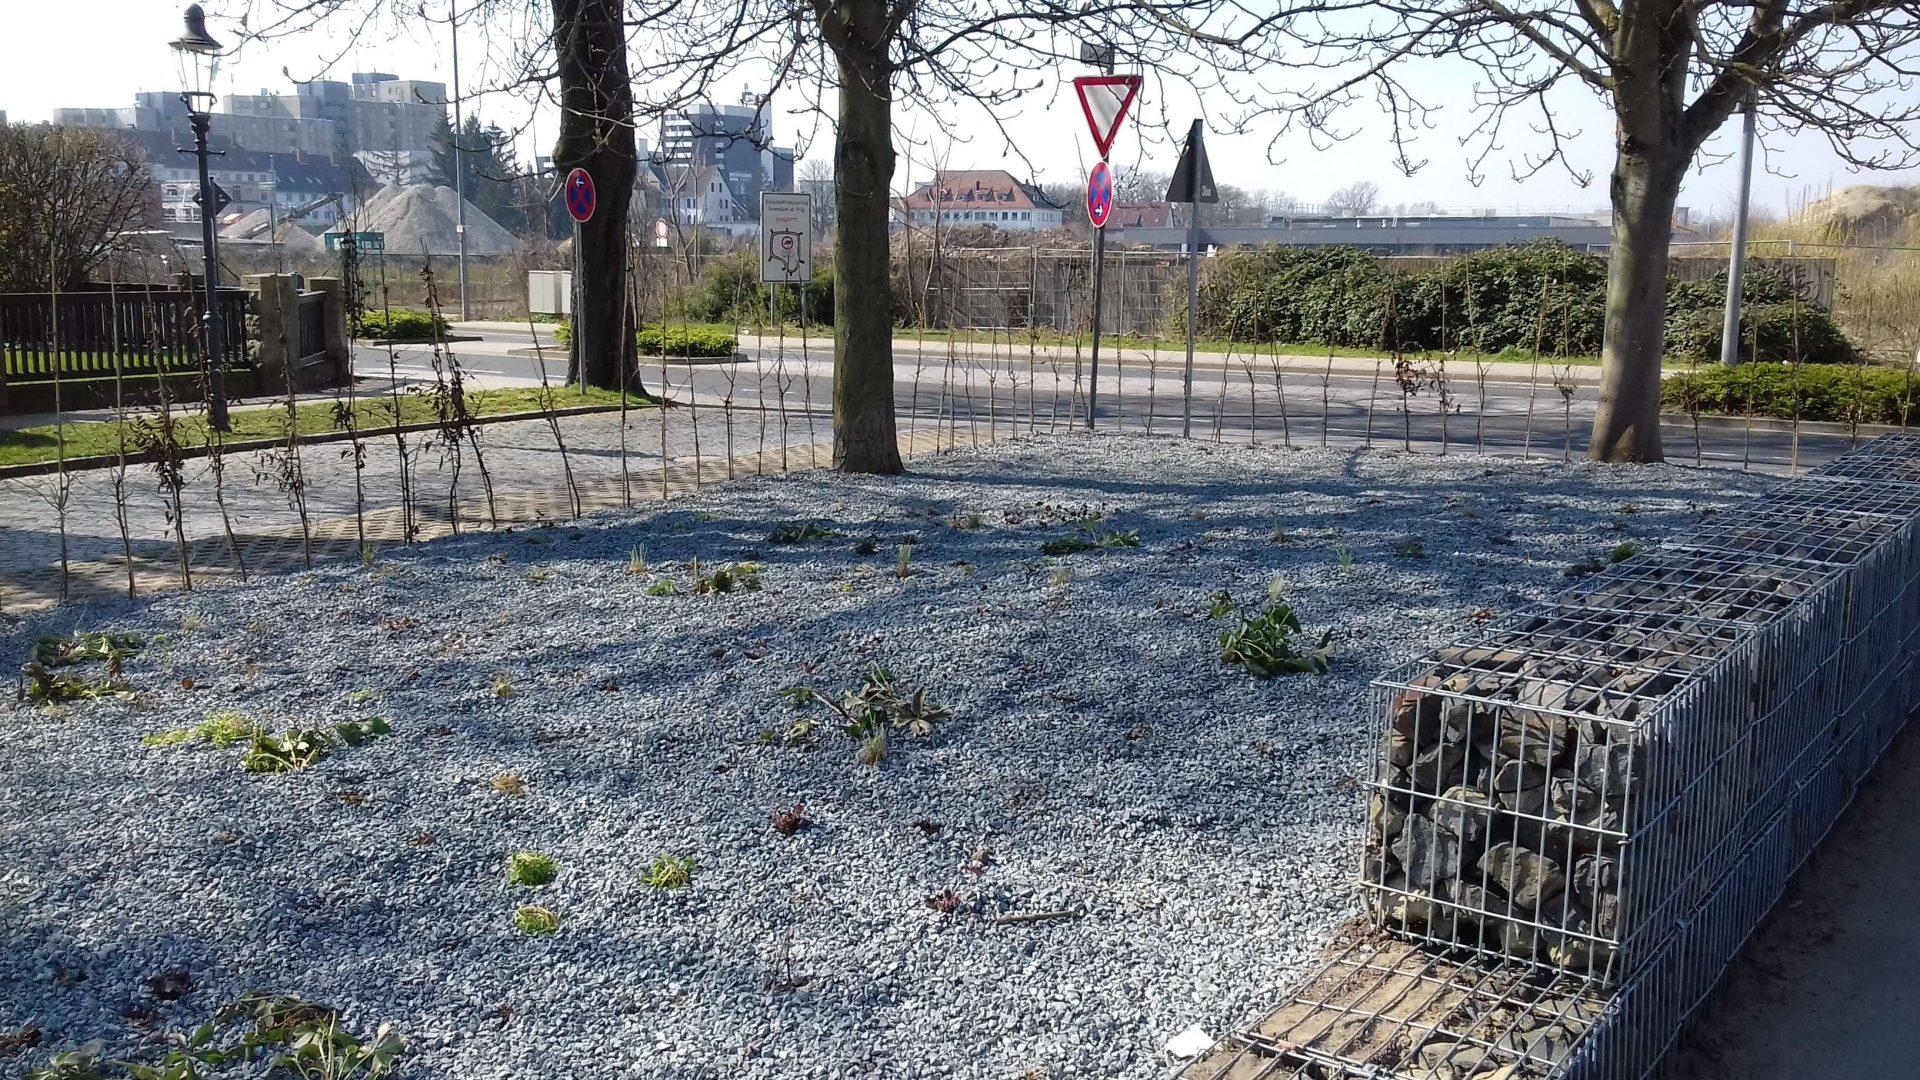 Man sieht einen Steingarten neubau am Mittwelweg, wo füher Blumenrabatte waren